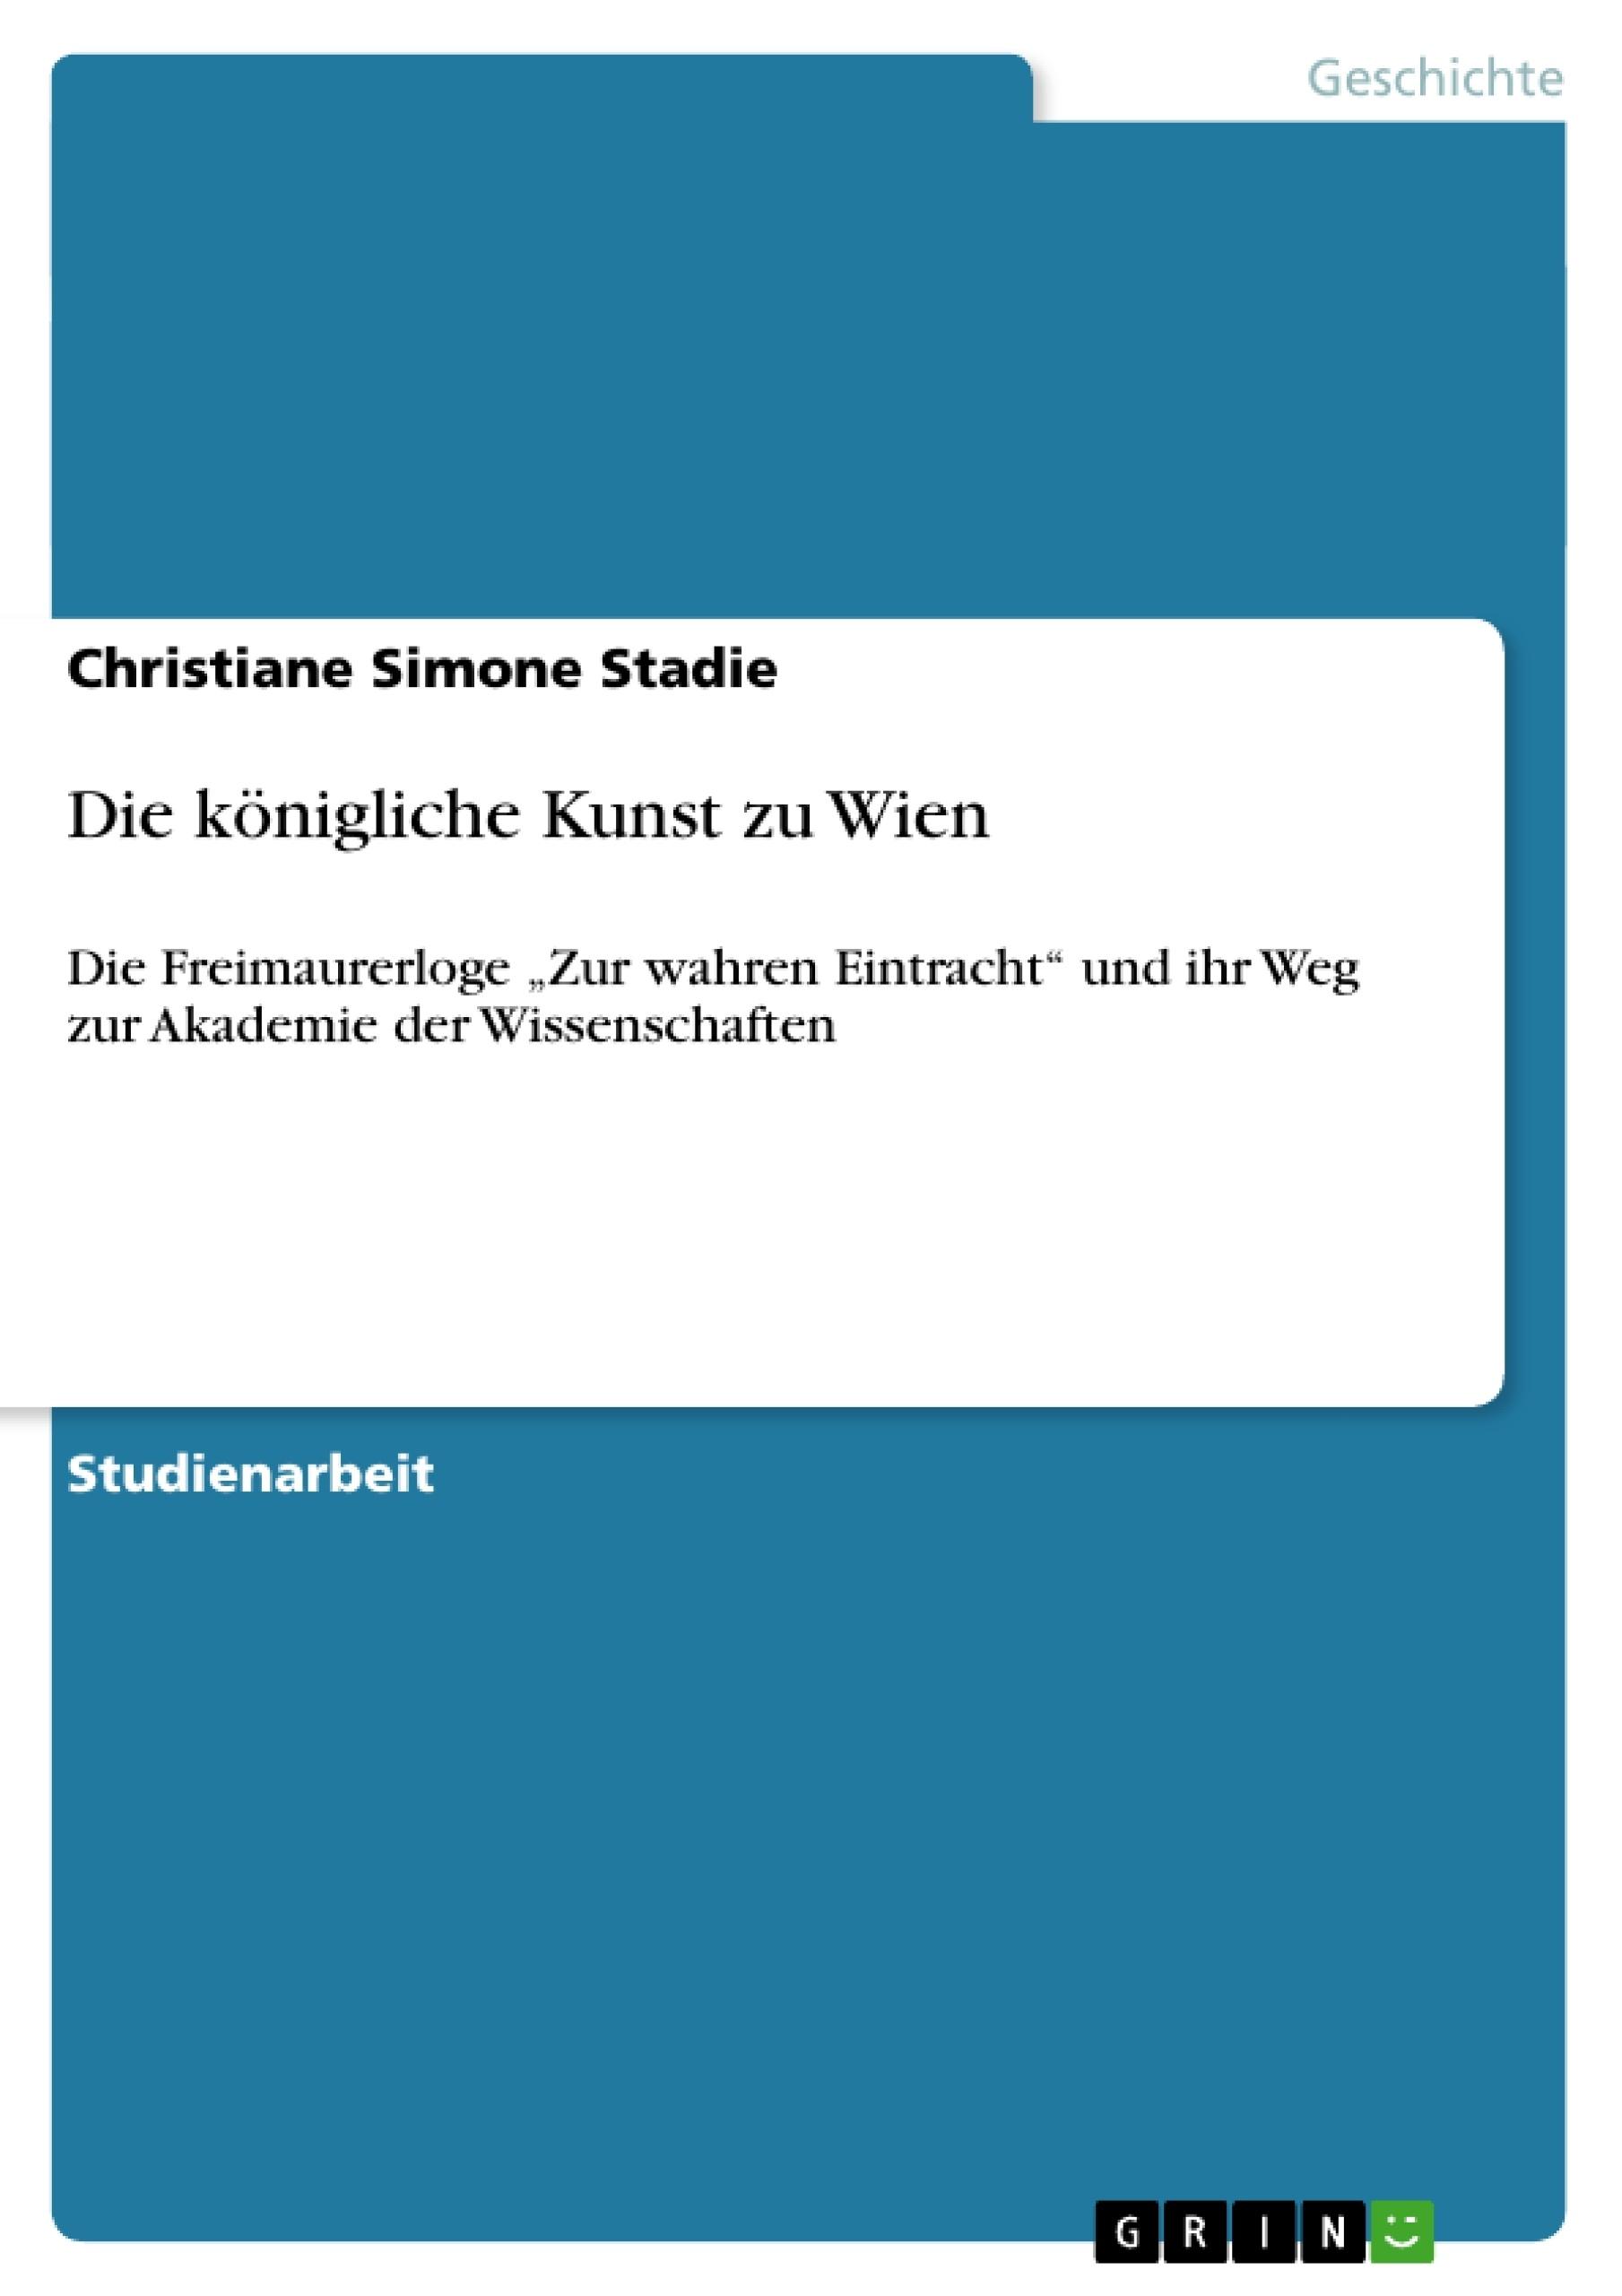 Titel: Die königliche Kunst zu Wien